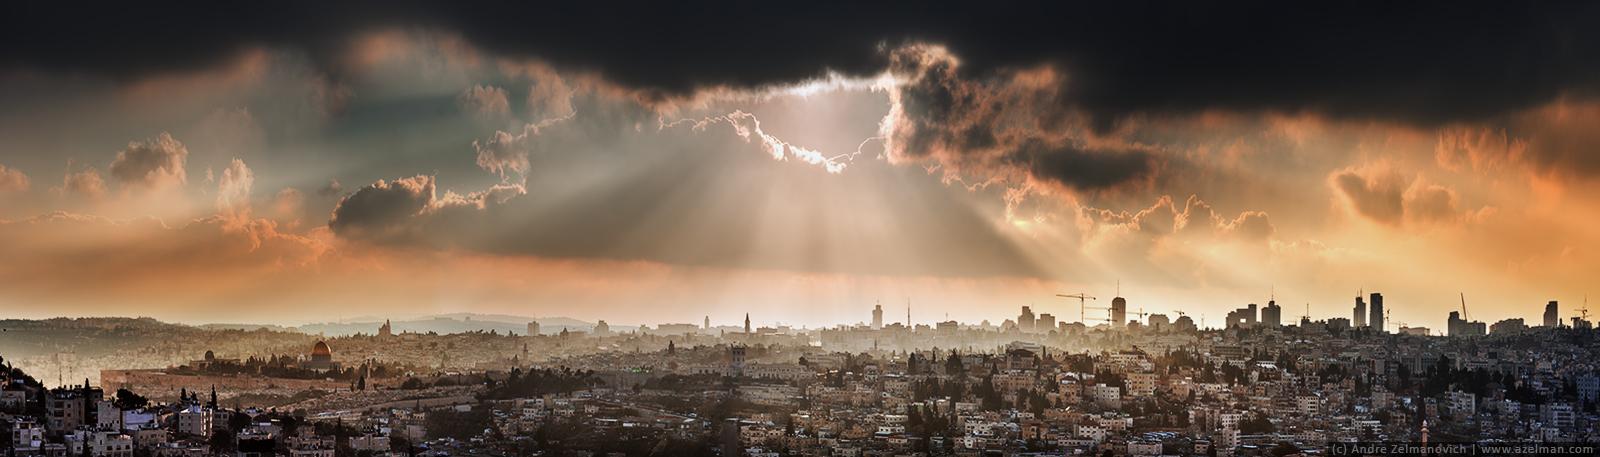 jerusalem-pano_3_1600px